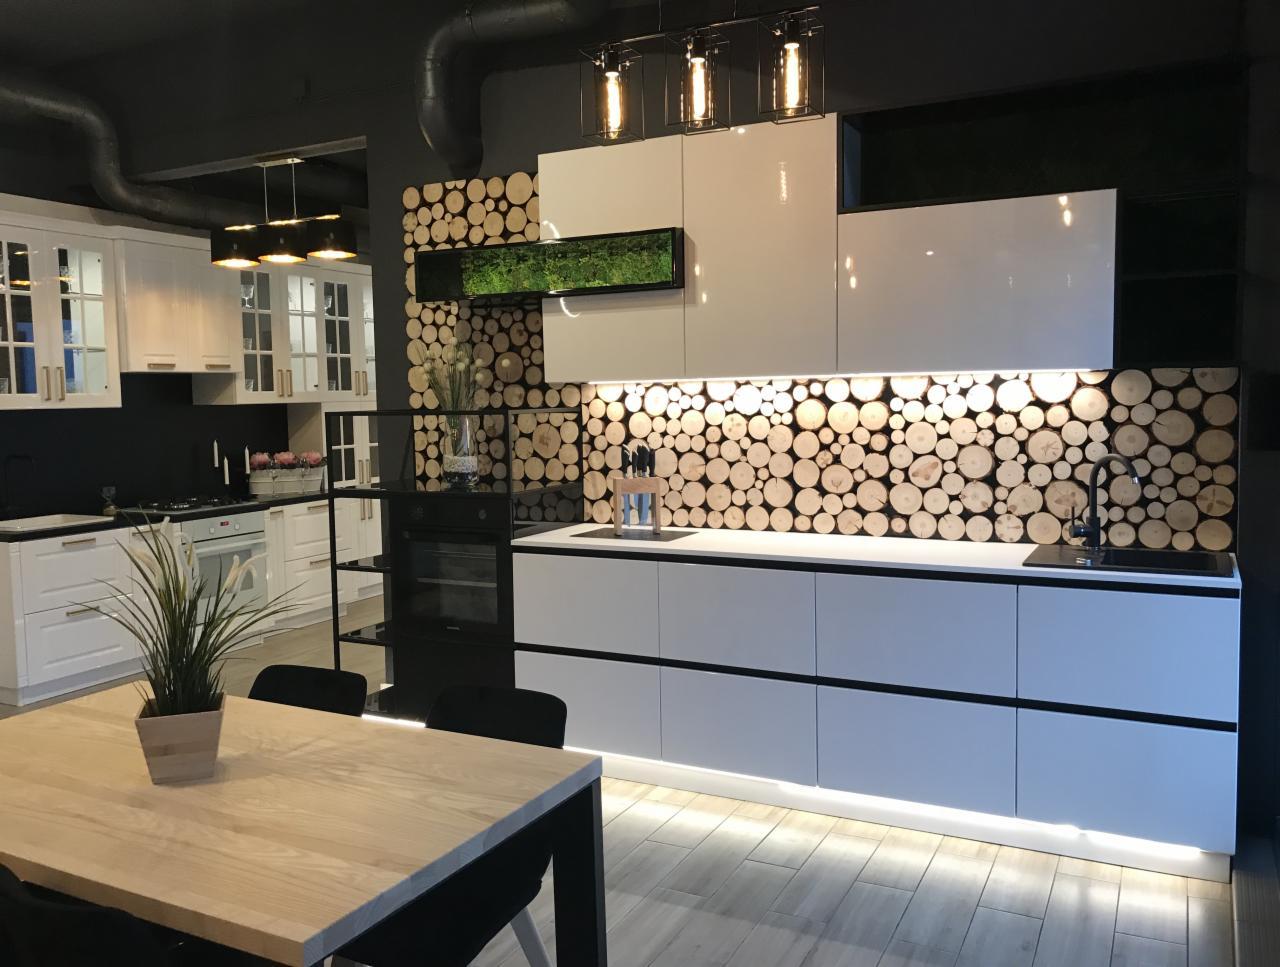 10 Najlepszych Ofert Na Kuchnie Na Wymiar W Warszawie 2019